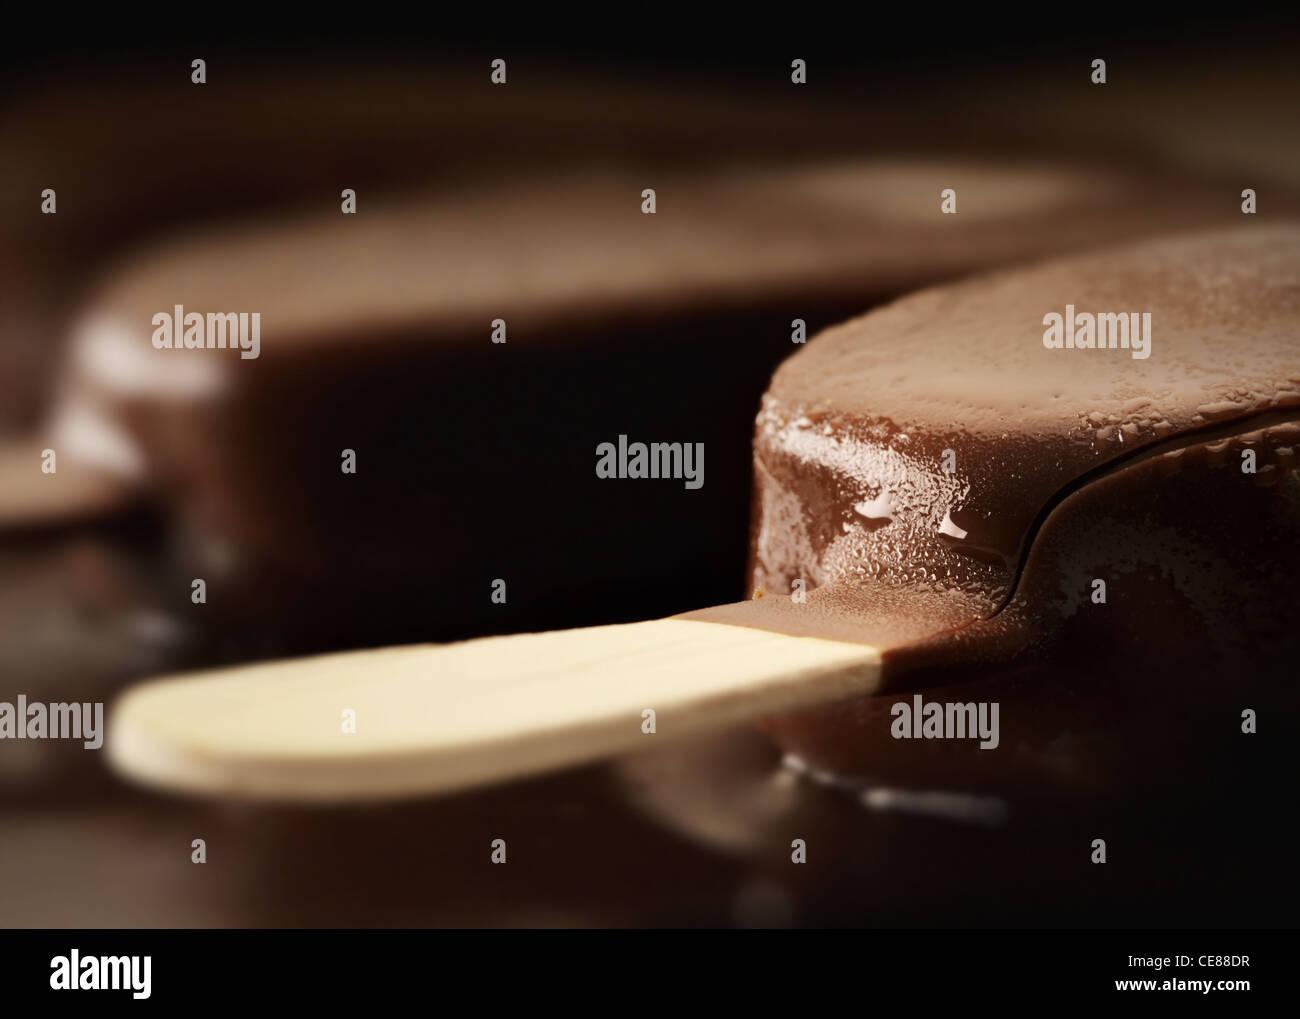 Ghiaccio fondente di cioccolato Crema Bar Close-up Immagini Stock